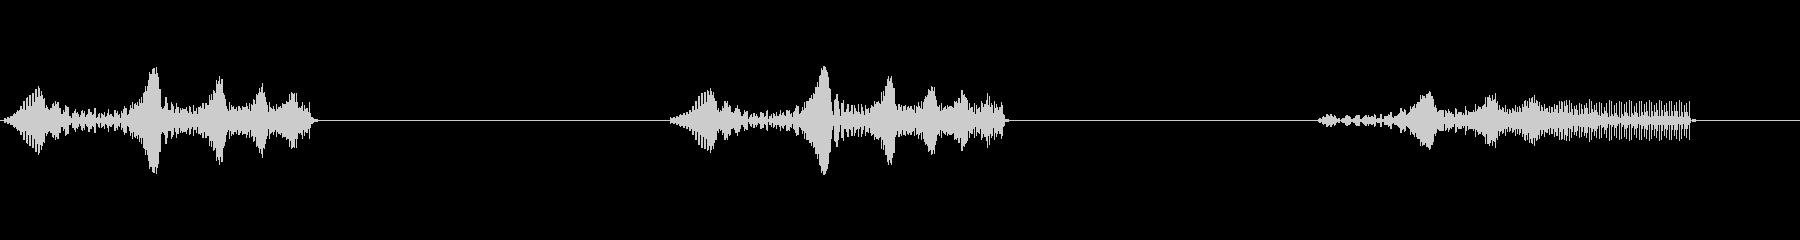 トーンビープ音の未再生の波形